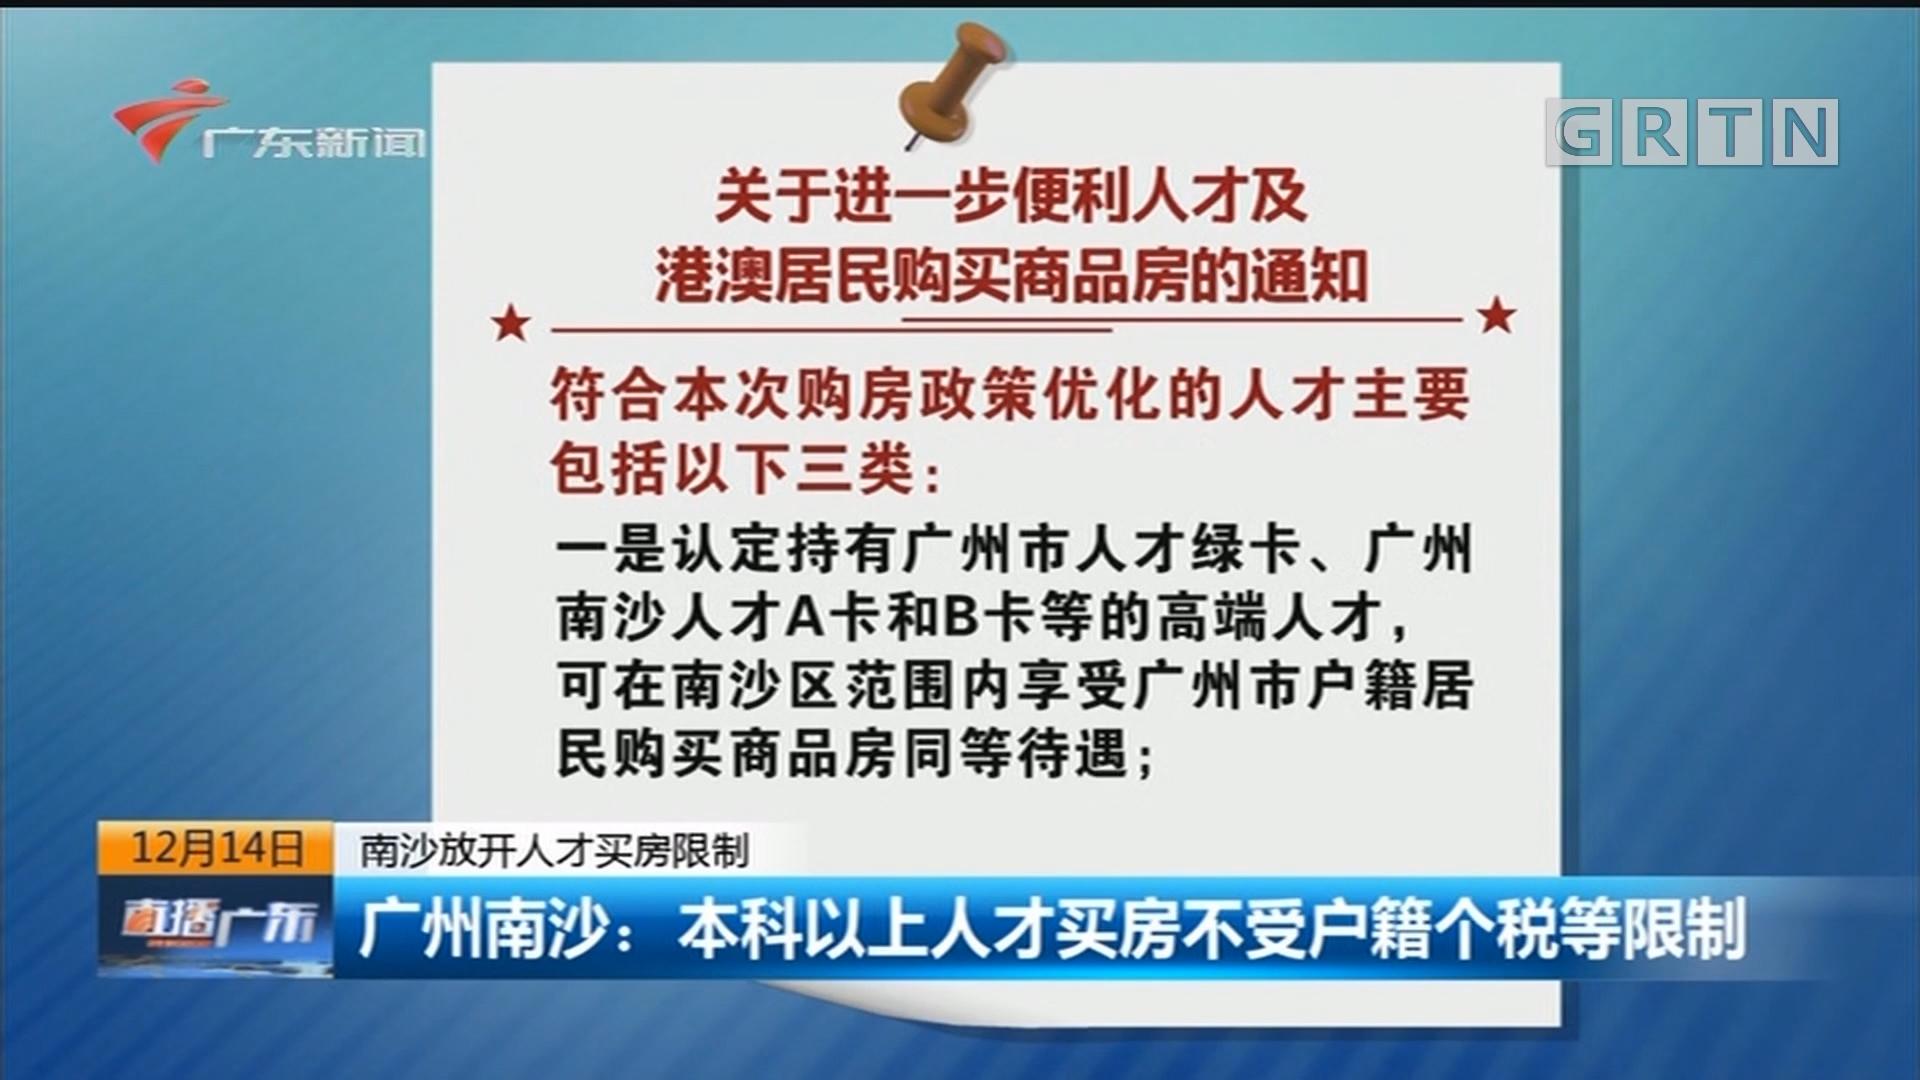 南沙放开人才买房限制 广州南沙:本科以上人才买房不受户籍个税等限制